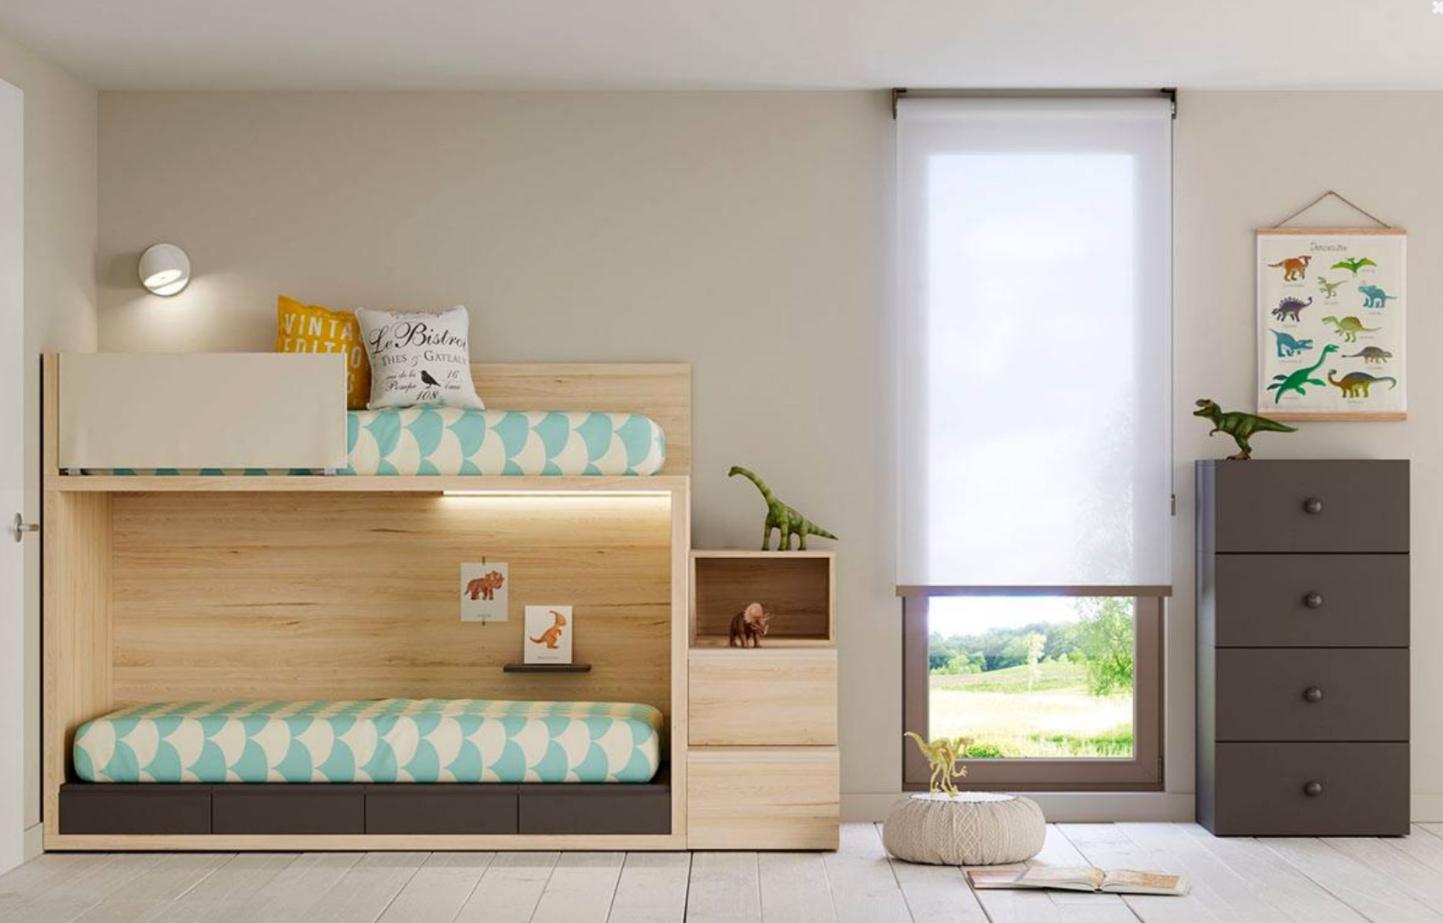 mobiliario vanguardista para decorar la habitación de los niños 2